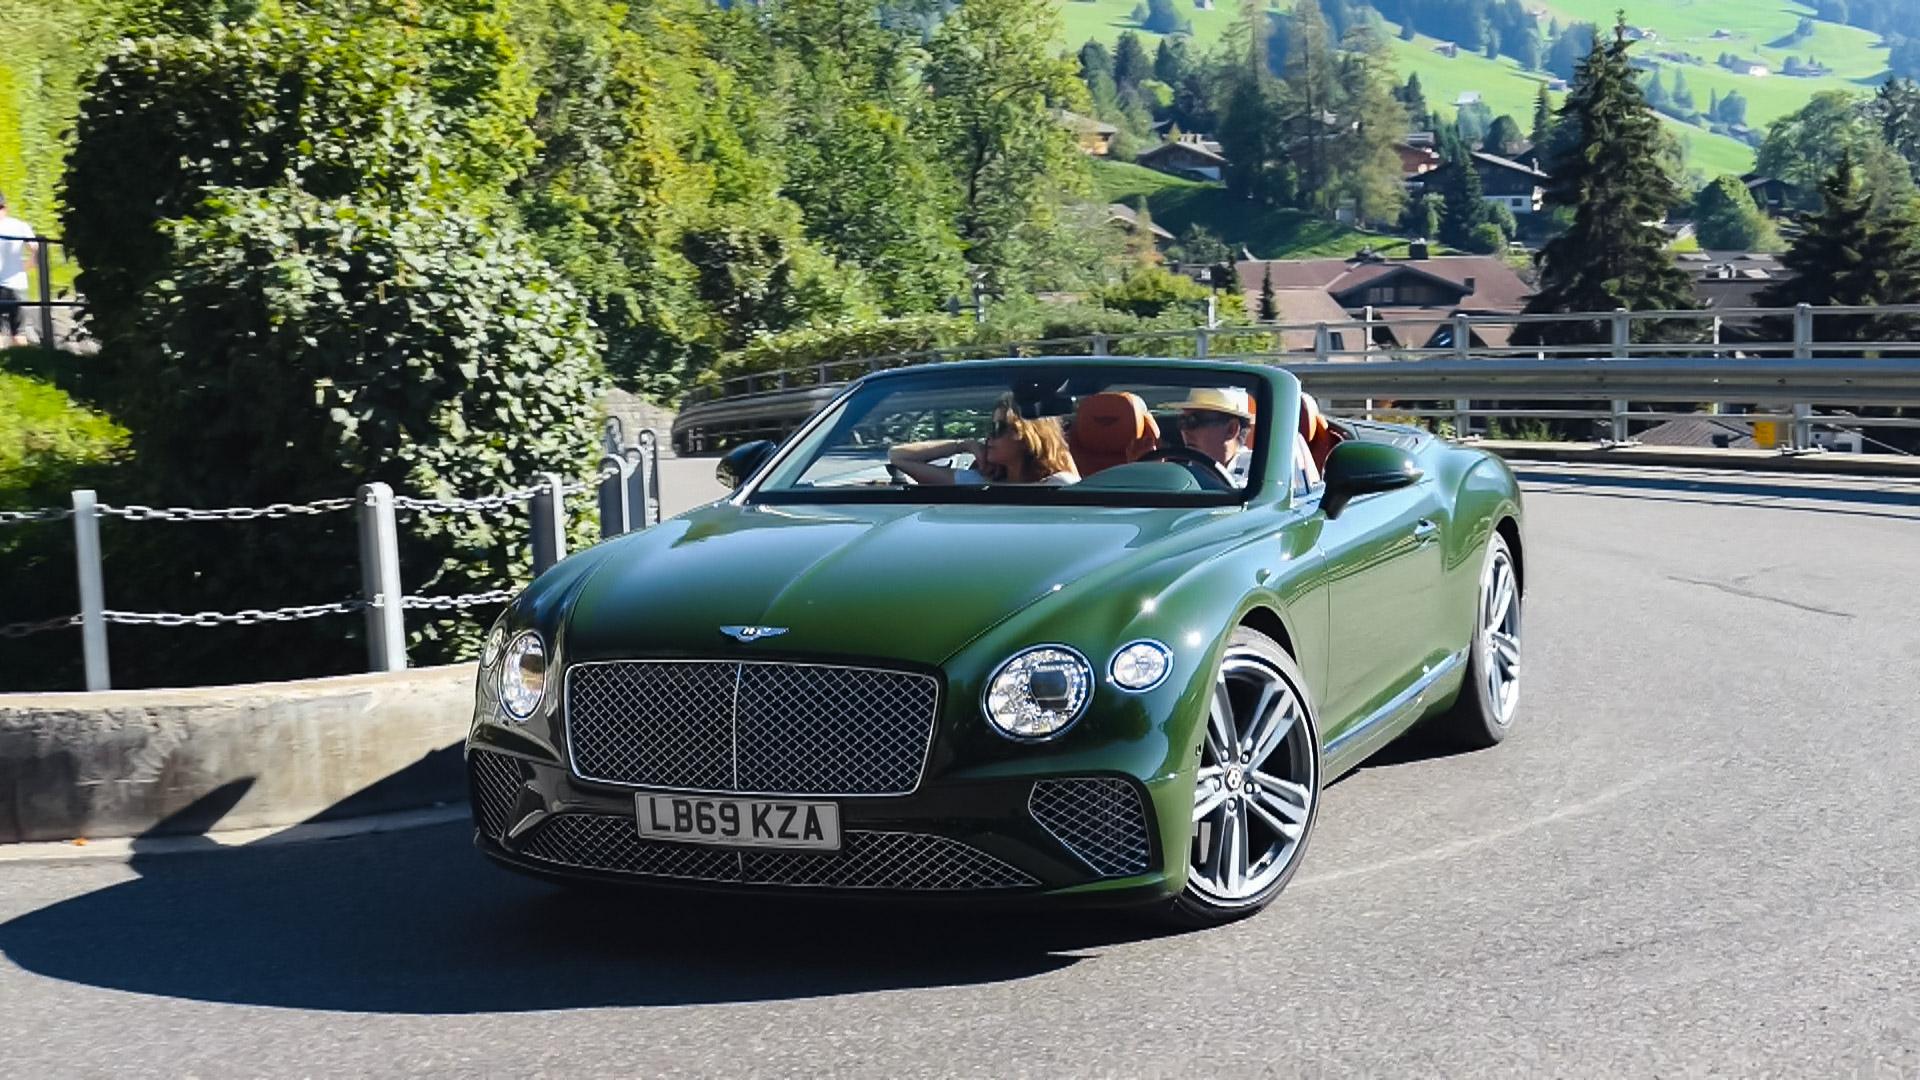 Bentley Continental GTC - LB69-KZA (GB)